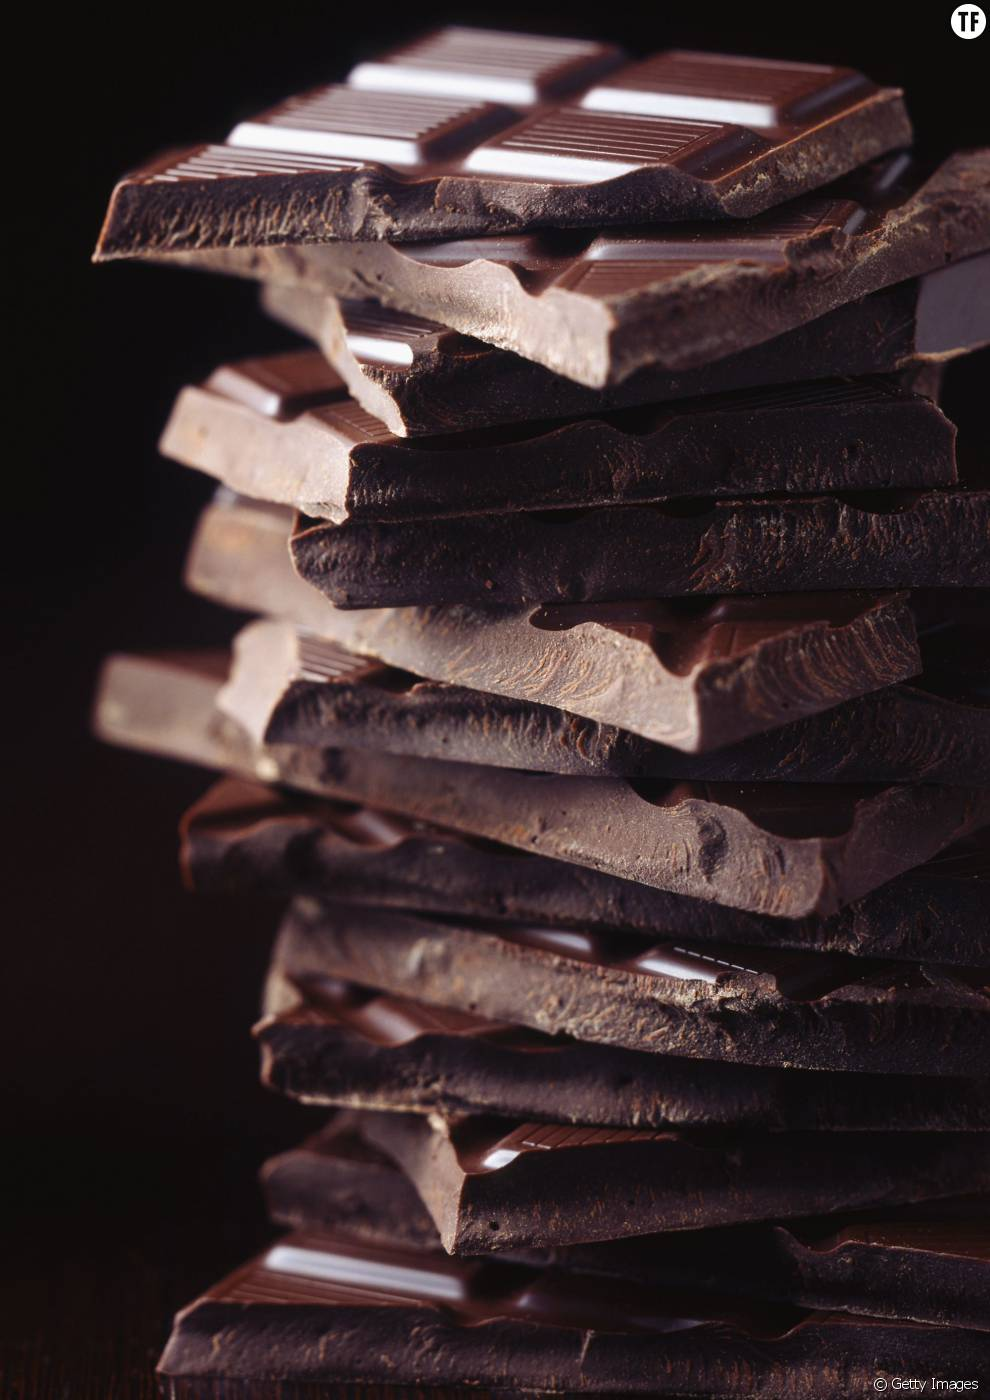 Le chocolat noir augmente notre endurance en sport